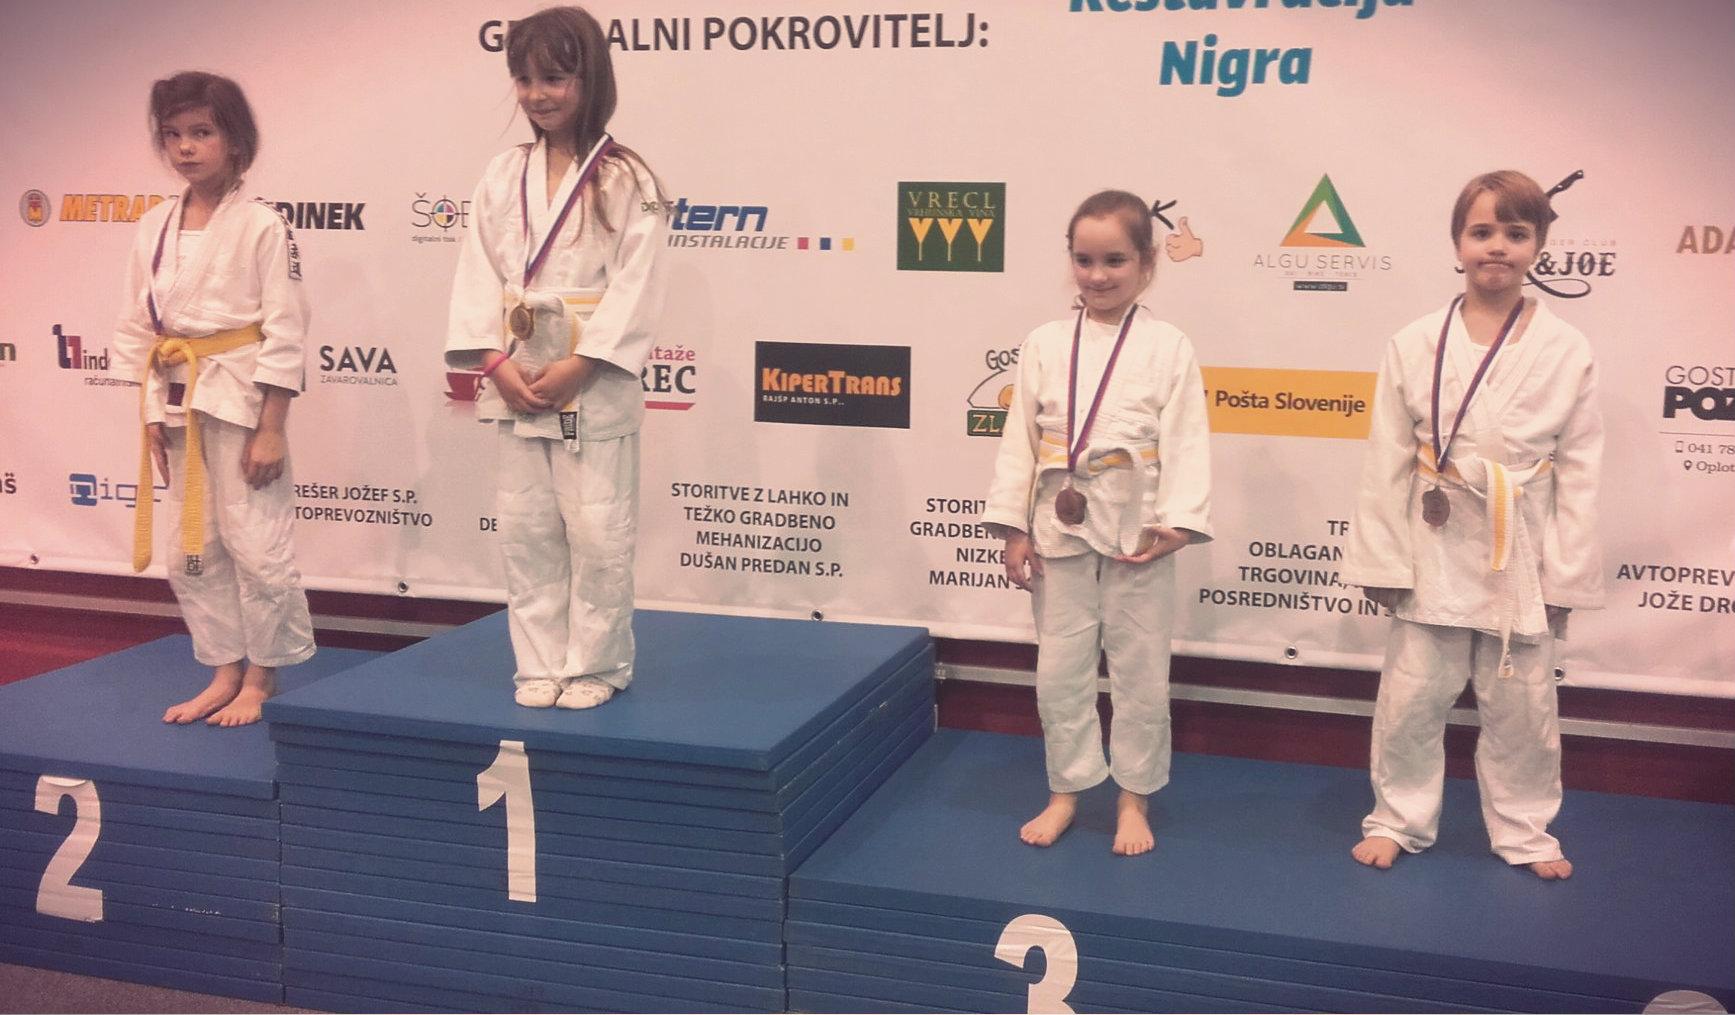 judoistka judo kluba bela krajina Kavčičeva-osvoji 3. mesto